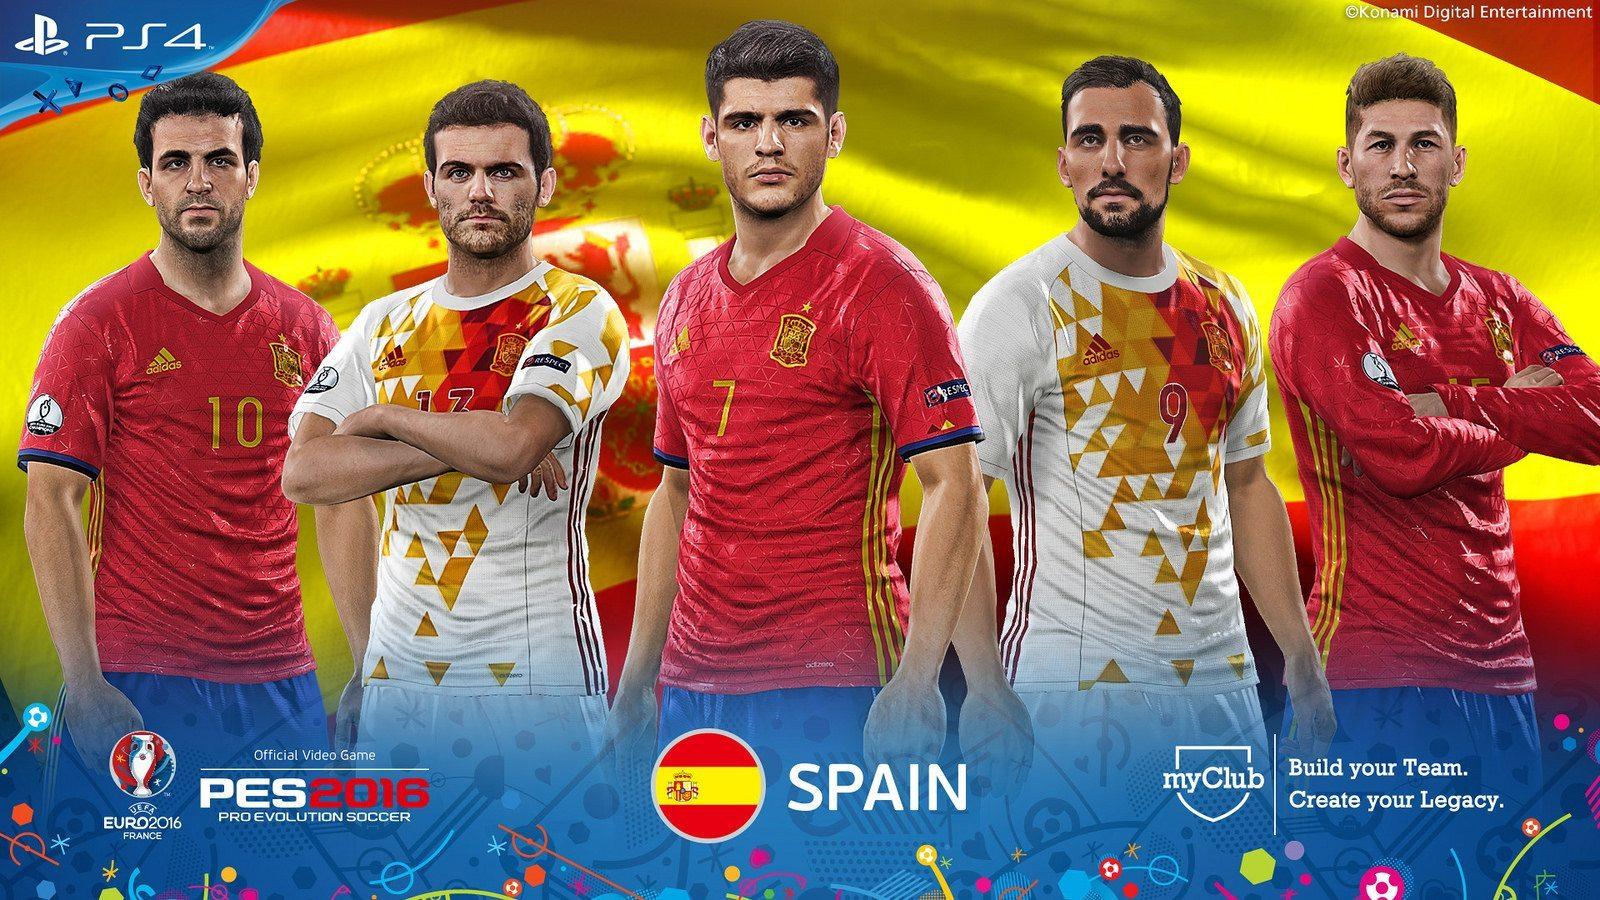 PES 2016 – UEFA Euro 2016 Spain